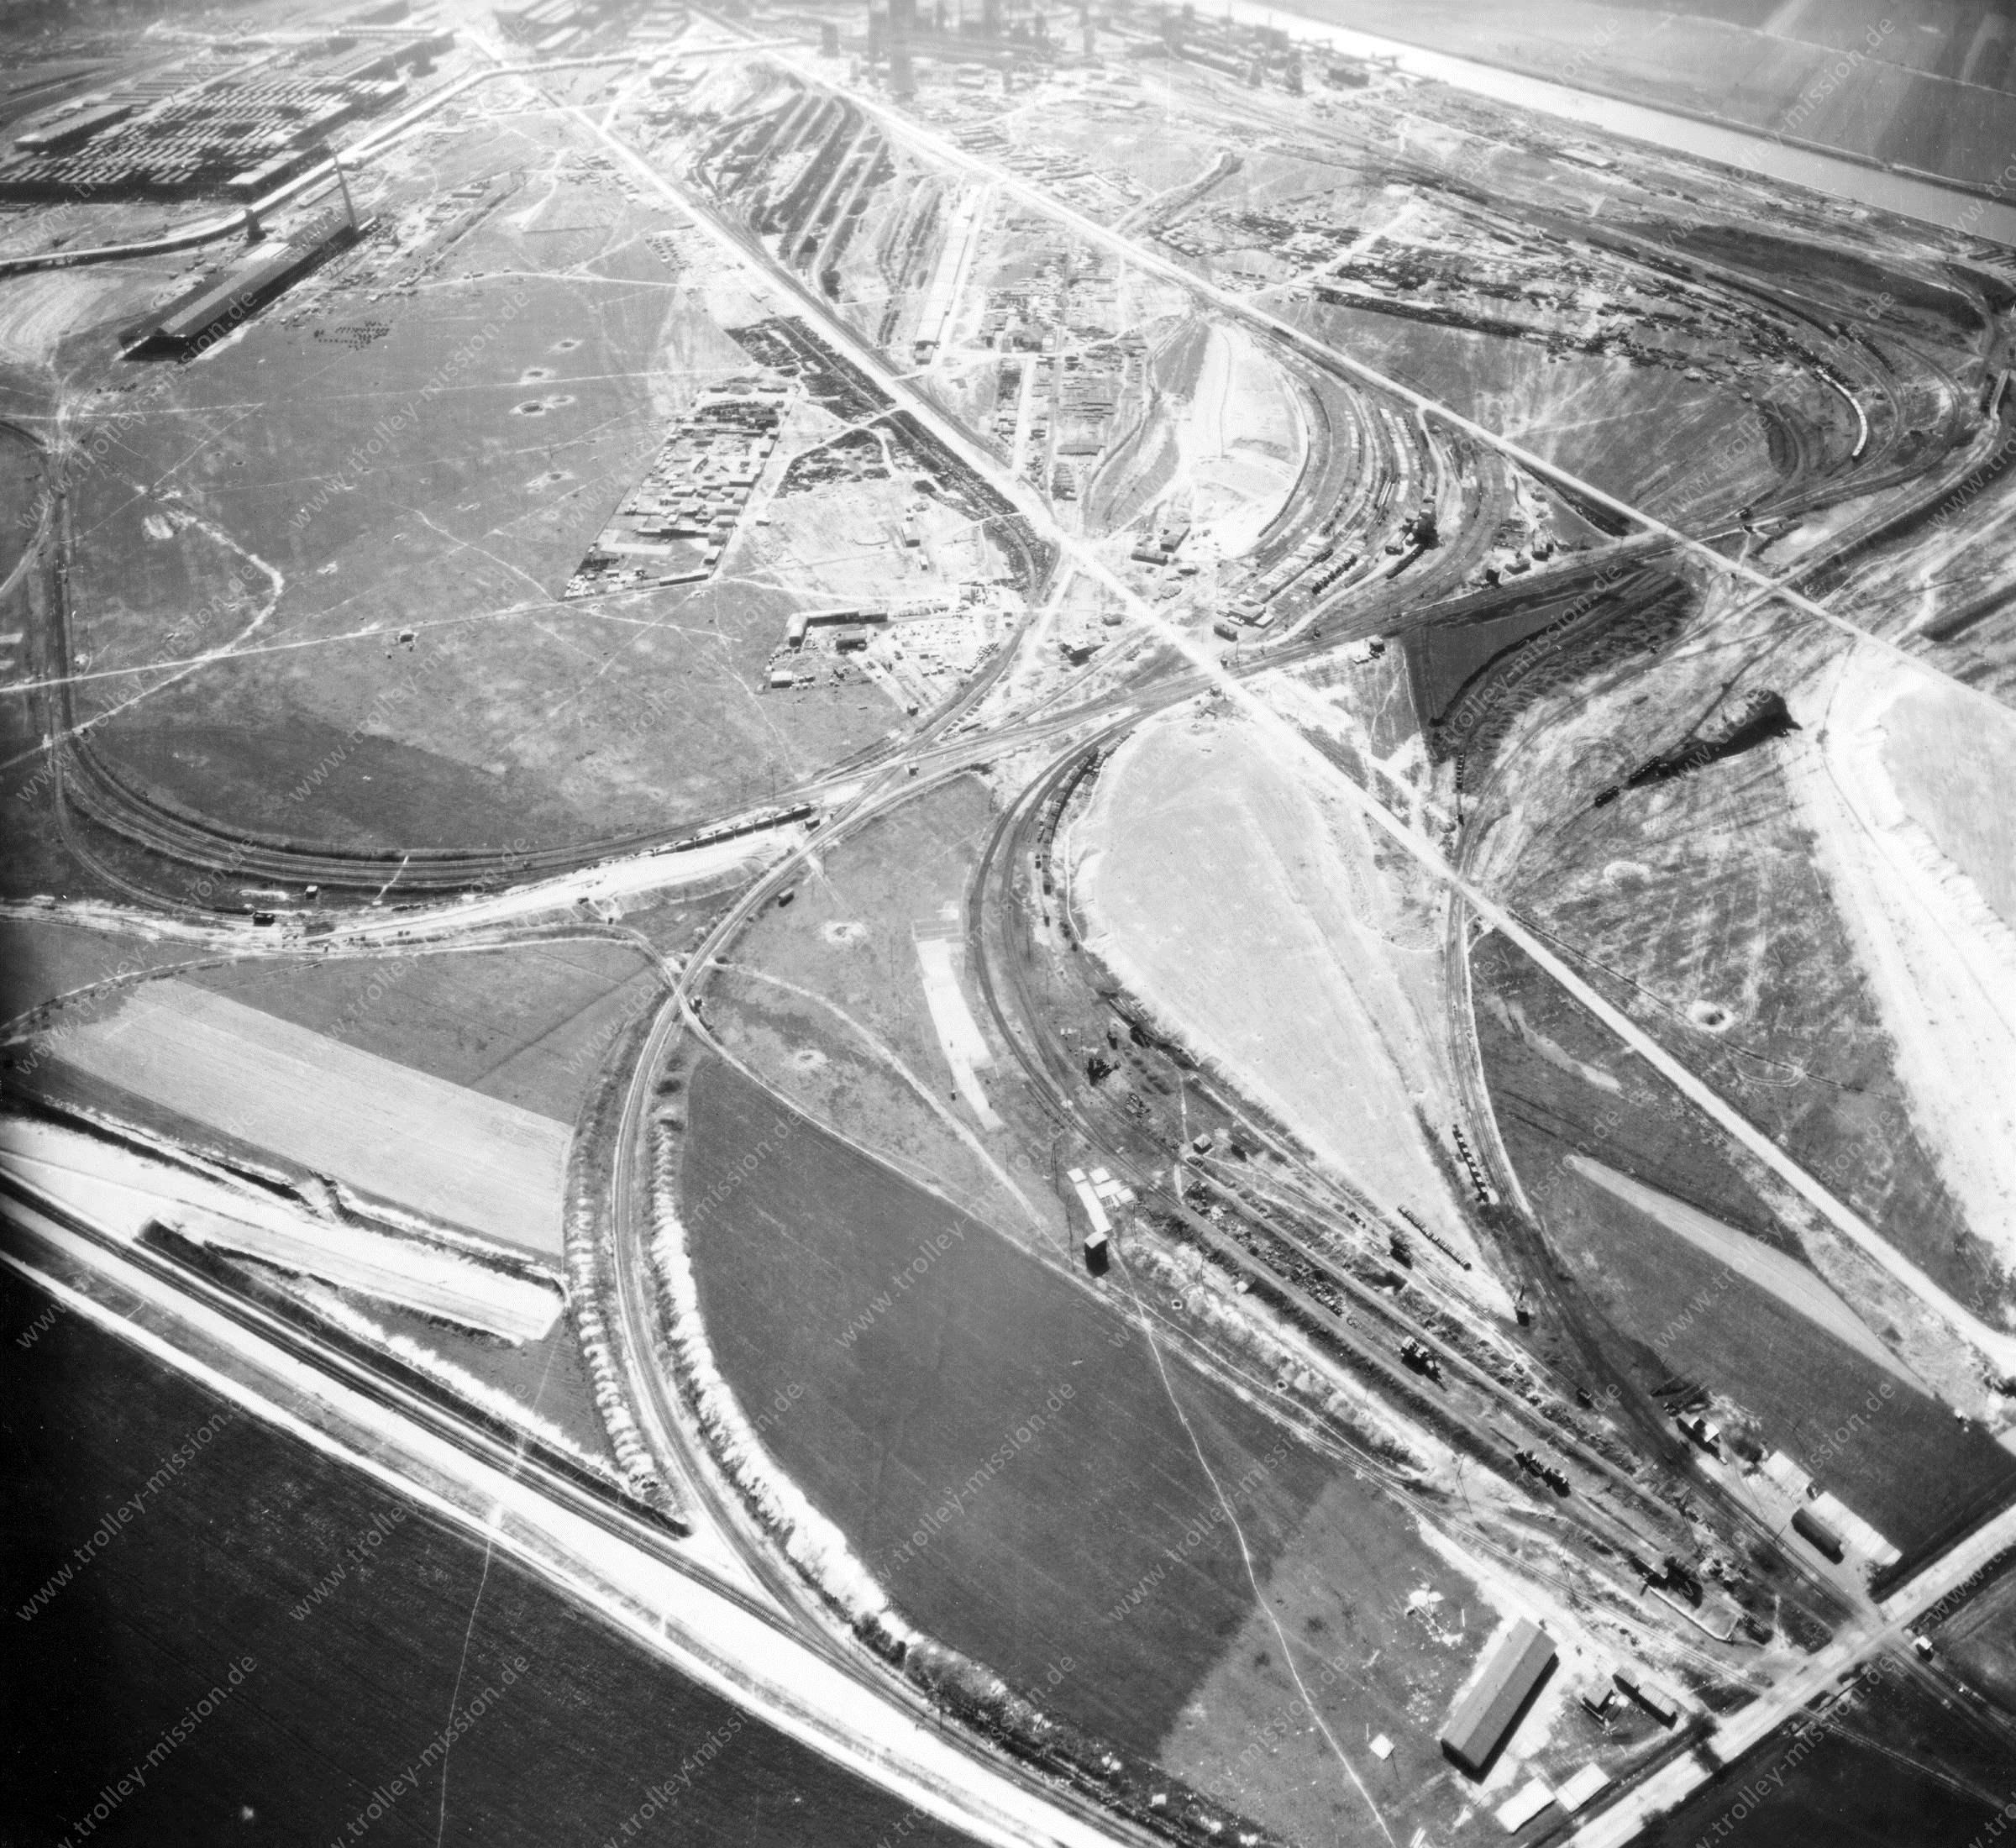 Luftbild der Hermann Göring Reichswerke AG für Erzbergbau und Eisenhütten in Salzgitter am 12. Mai 1945 - Luftbildserie 2/7 der US Luftwaffe